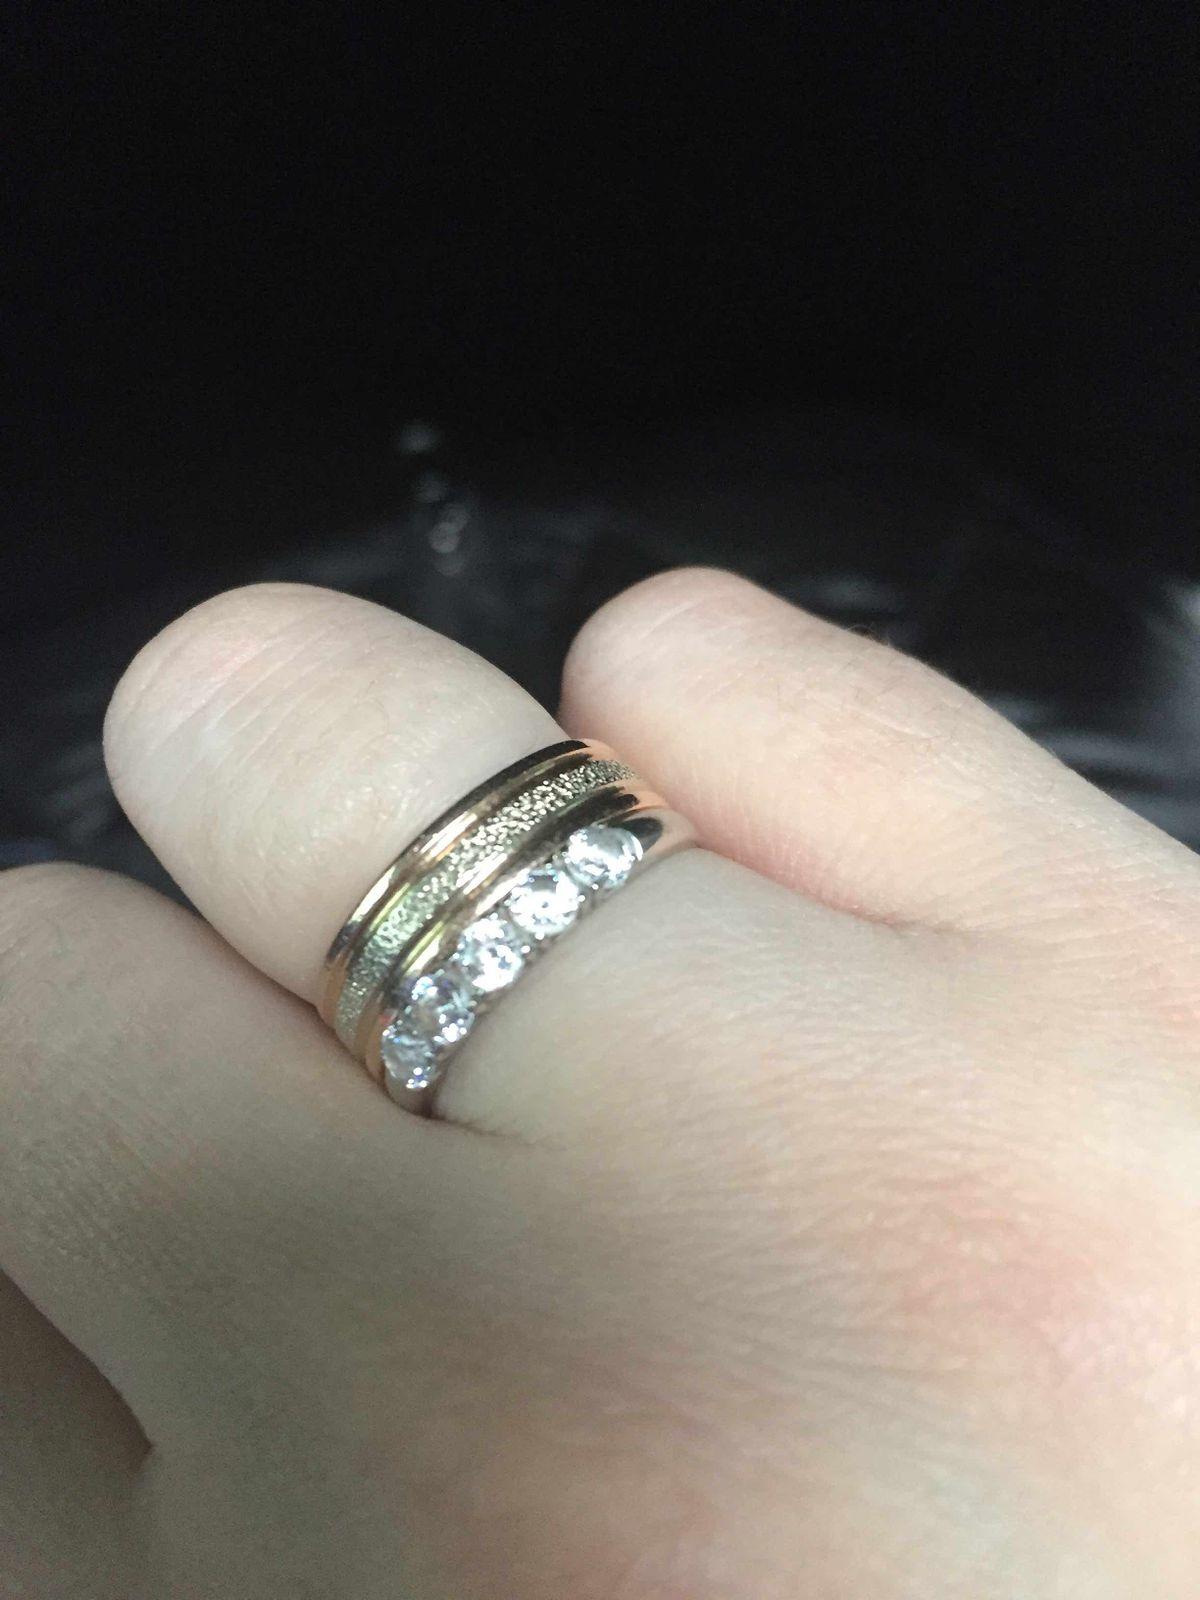 Кольцо прям wow!!!)